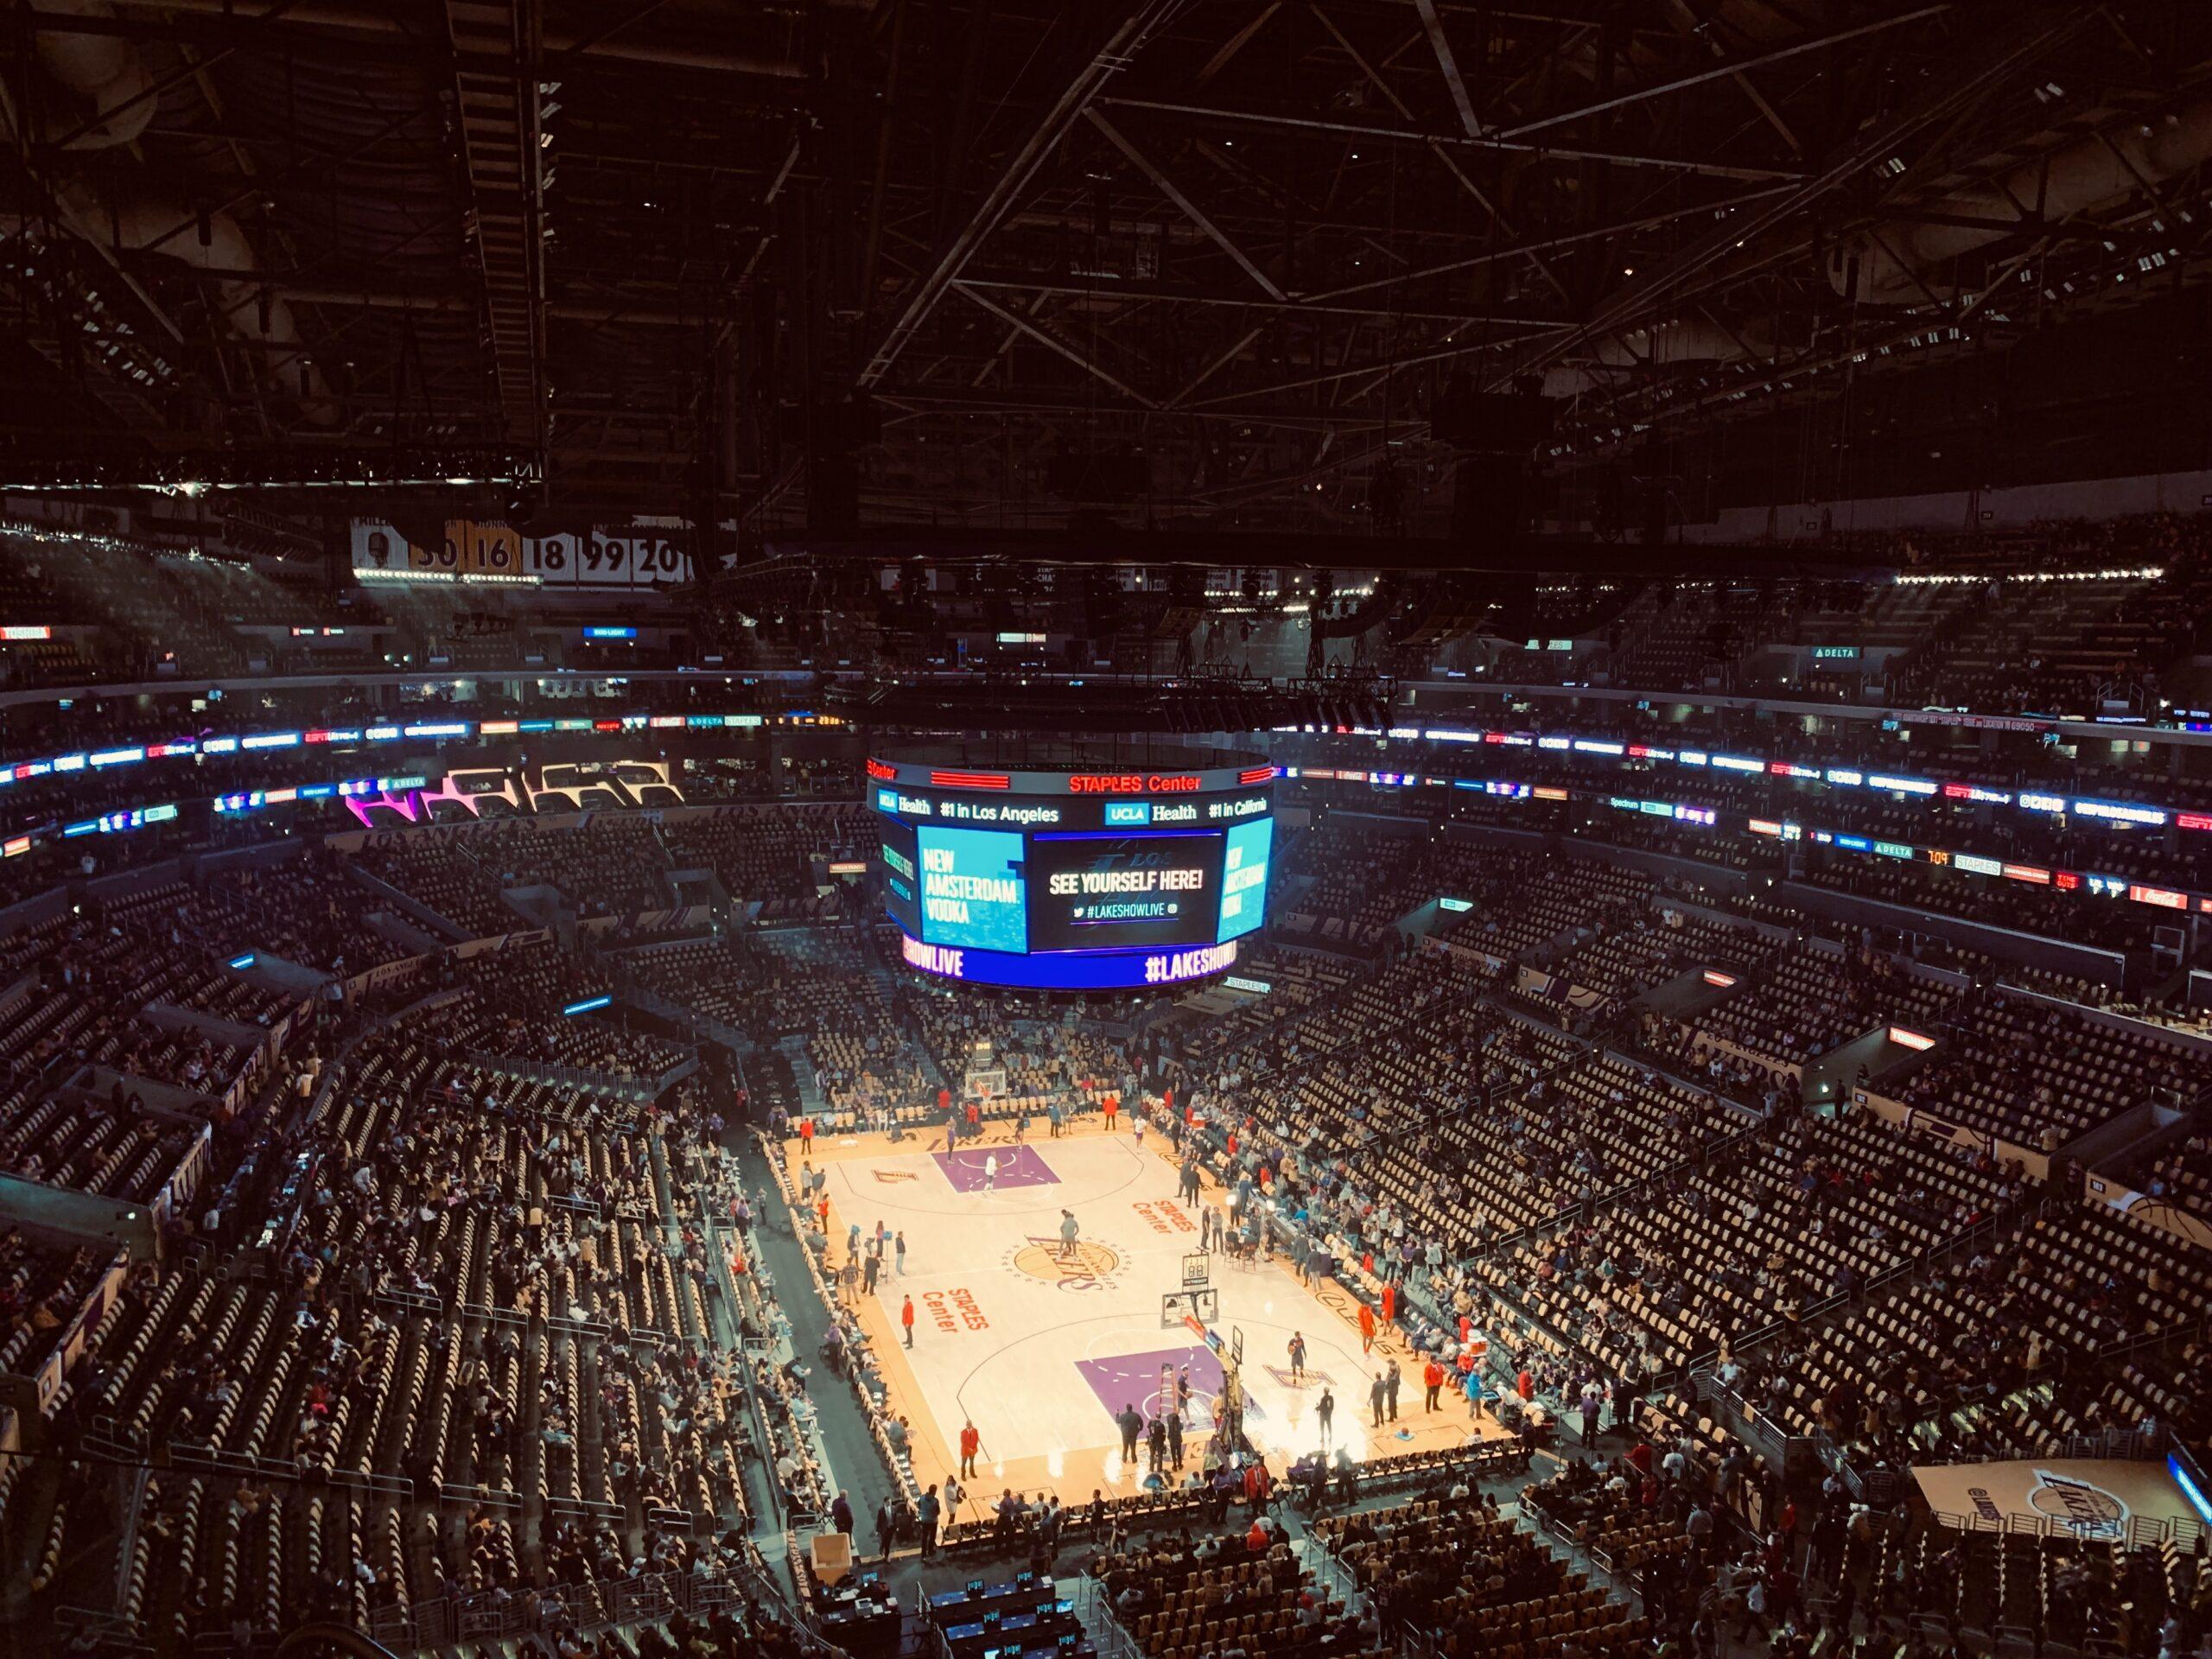 NBA stadium from a birds eye view